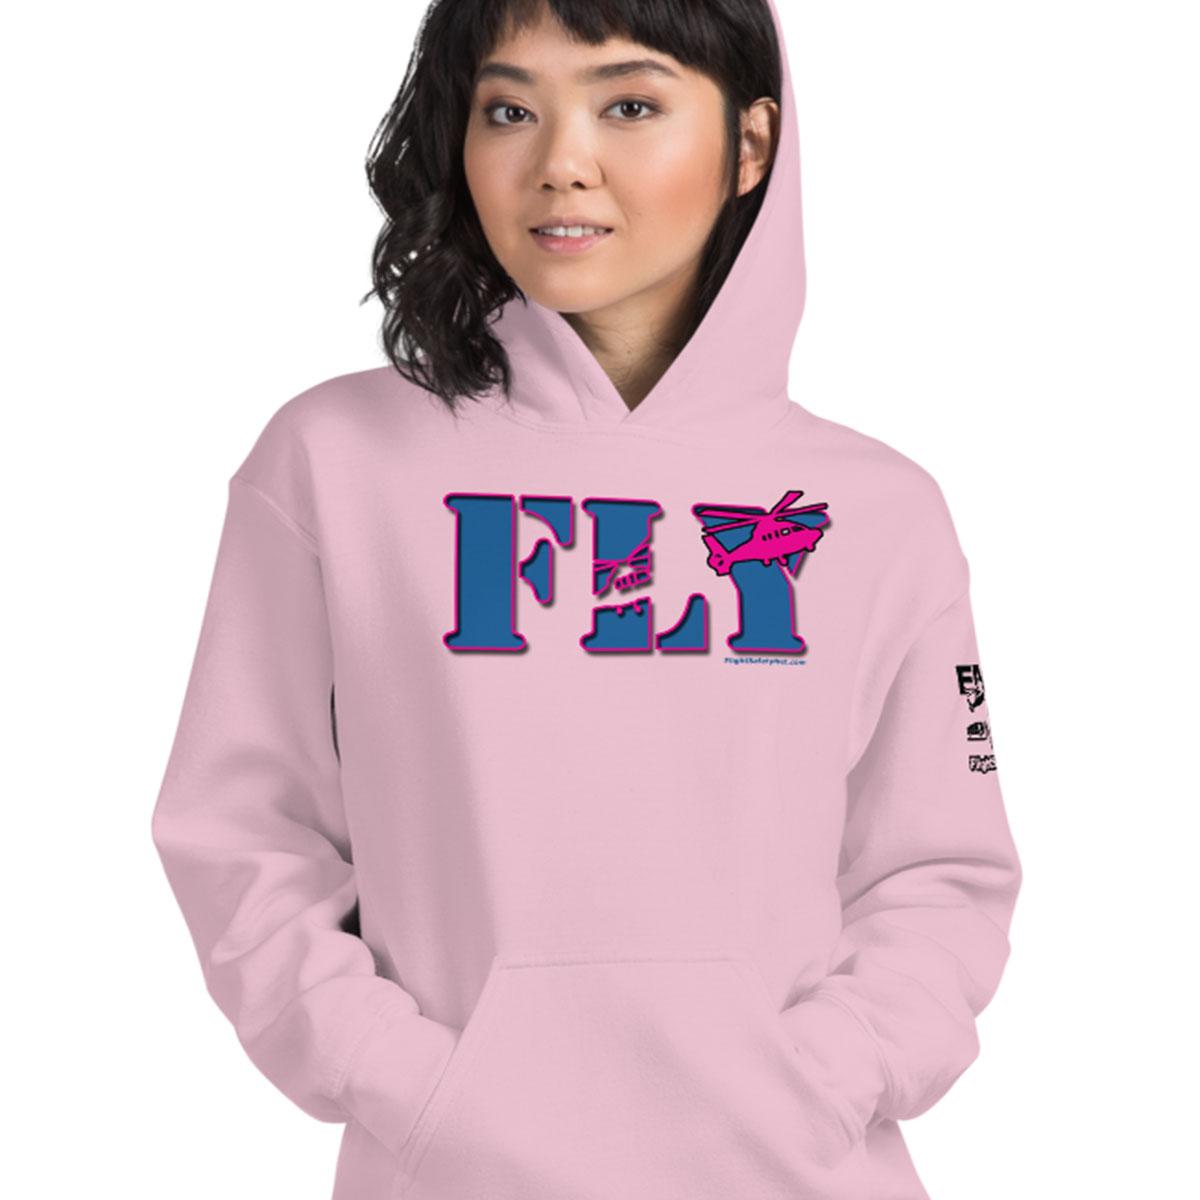 FLY Pink Hoodie female